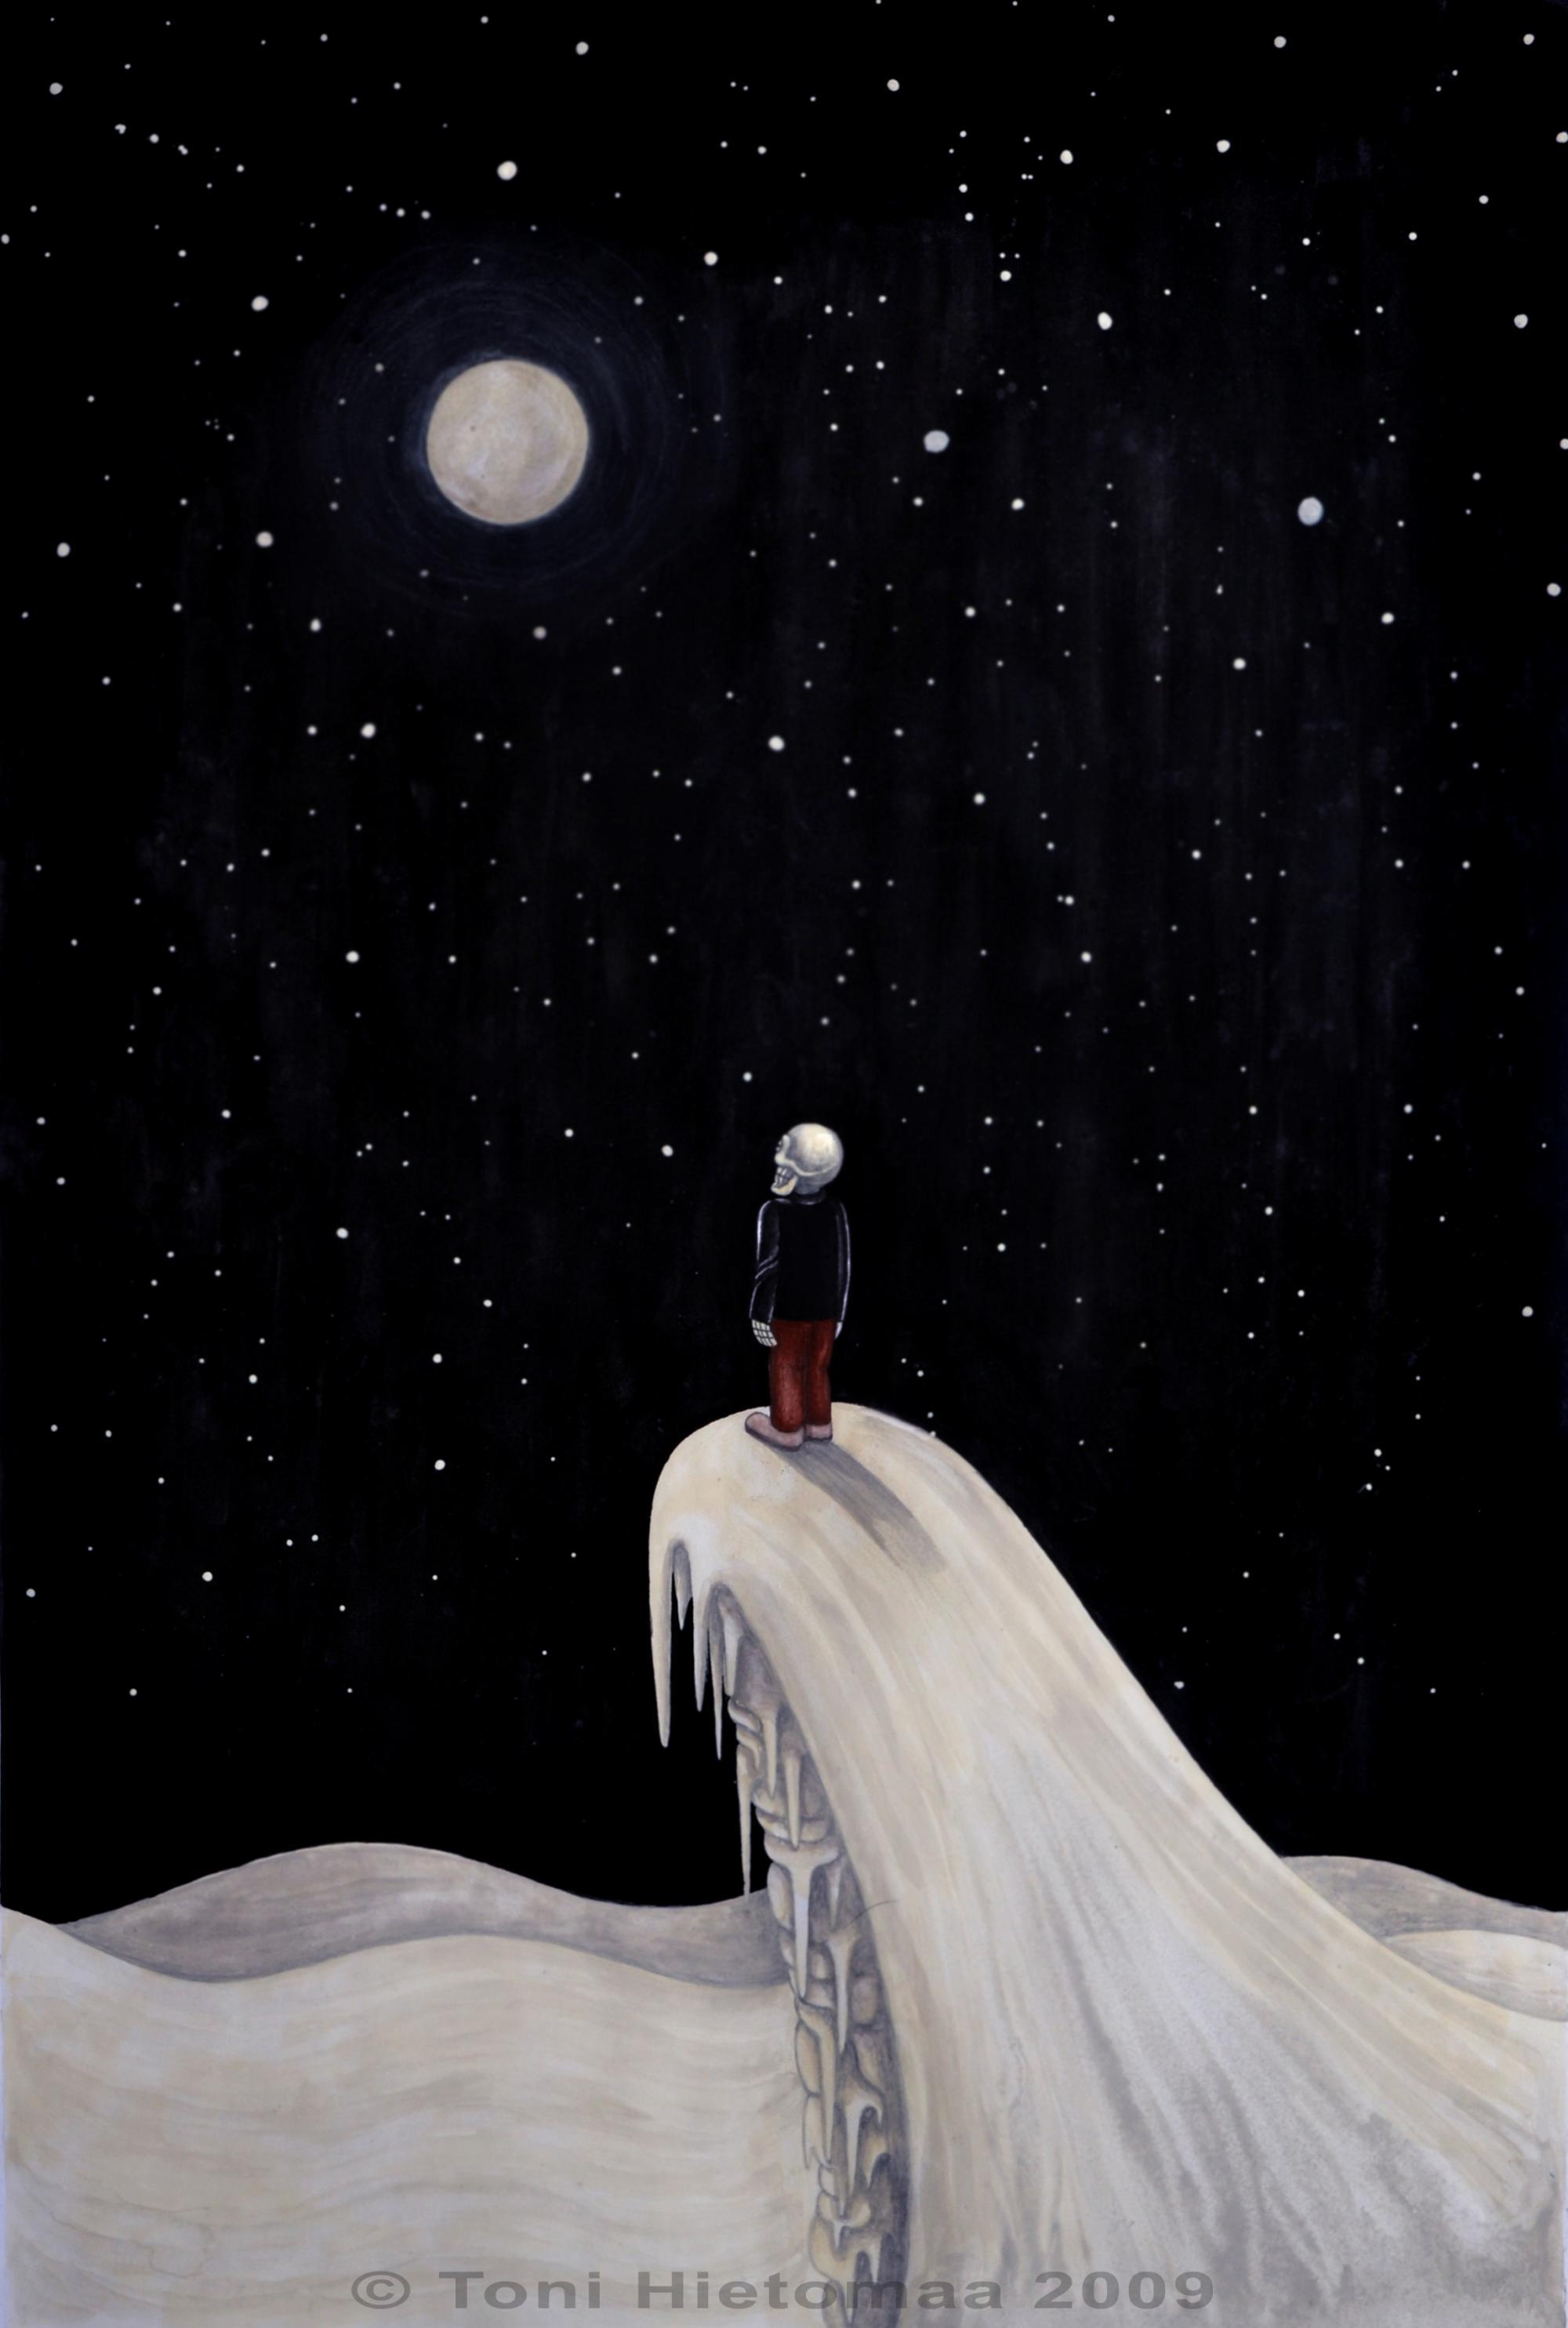 Toni Hietomaa - 2009 ''Täällä maa, kuuleeko kuu'' (Ainoa -näyttely)